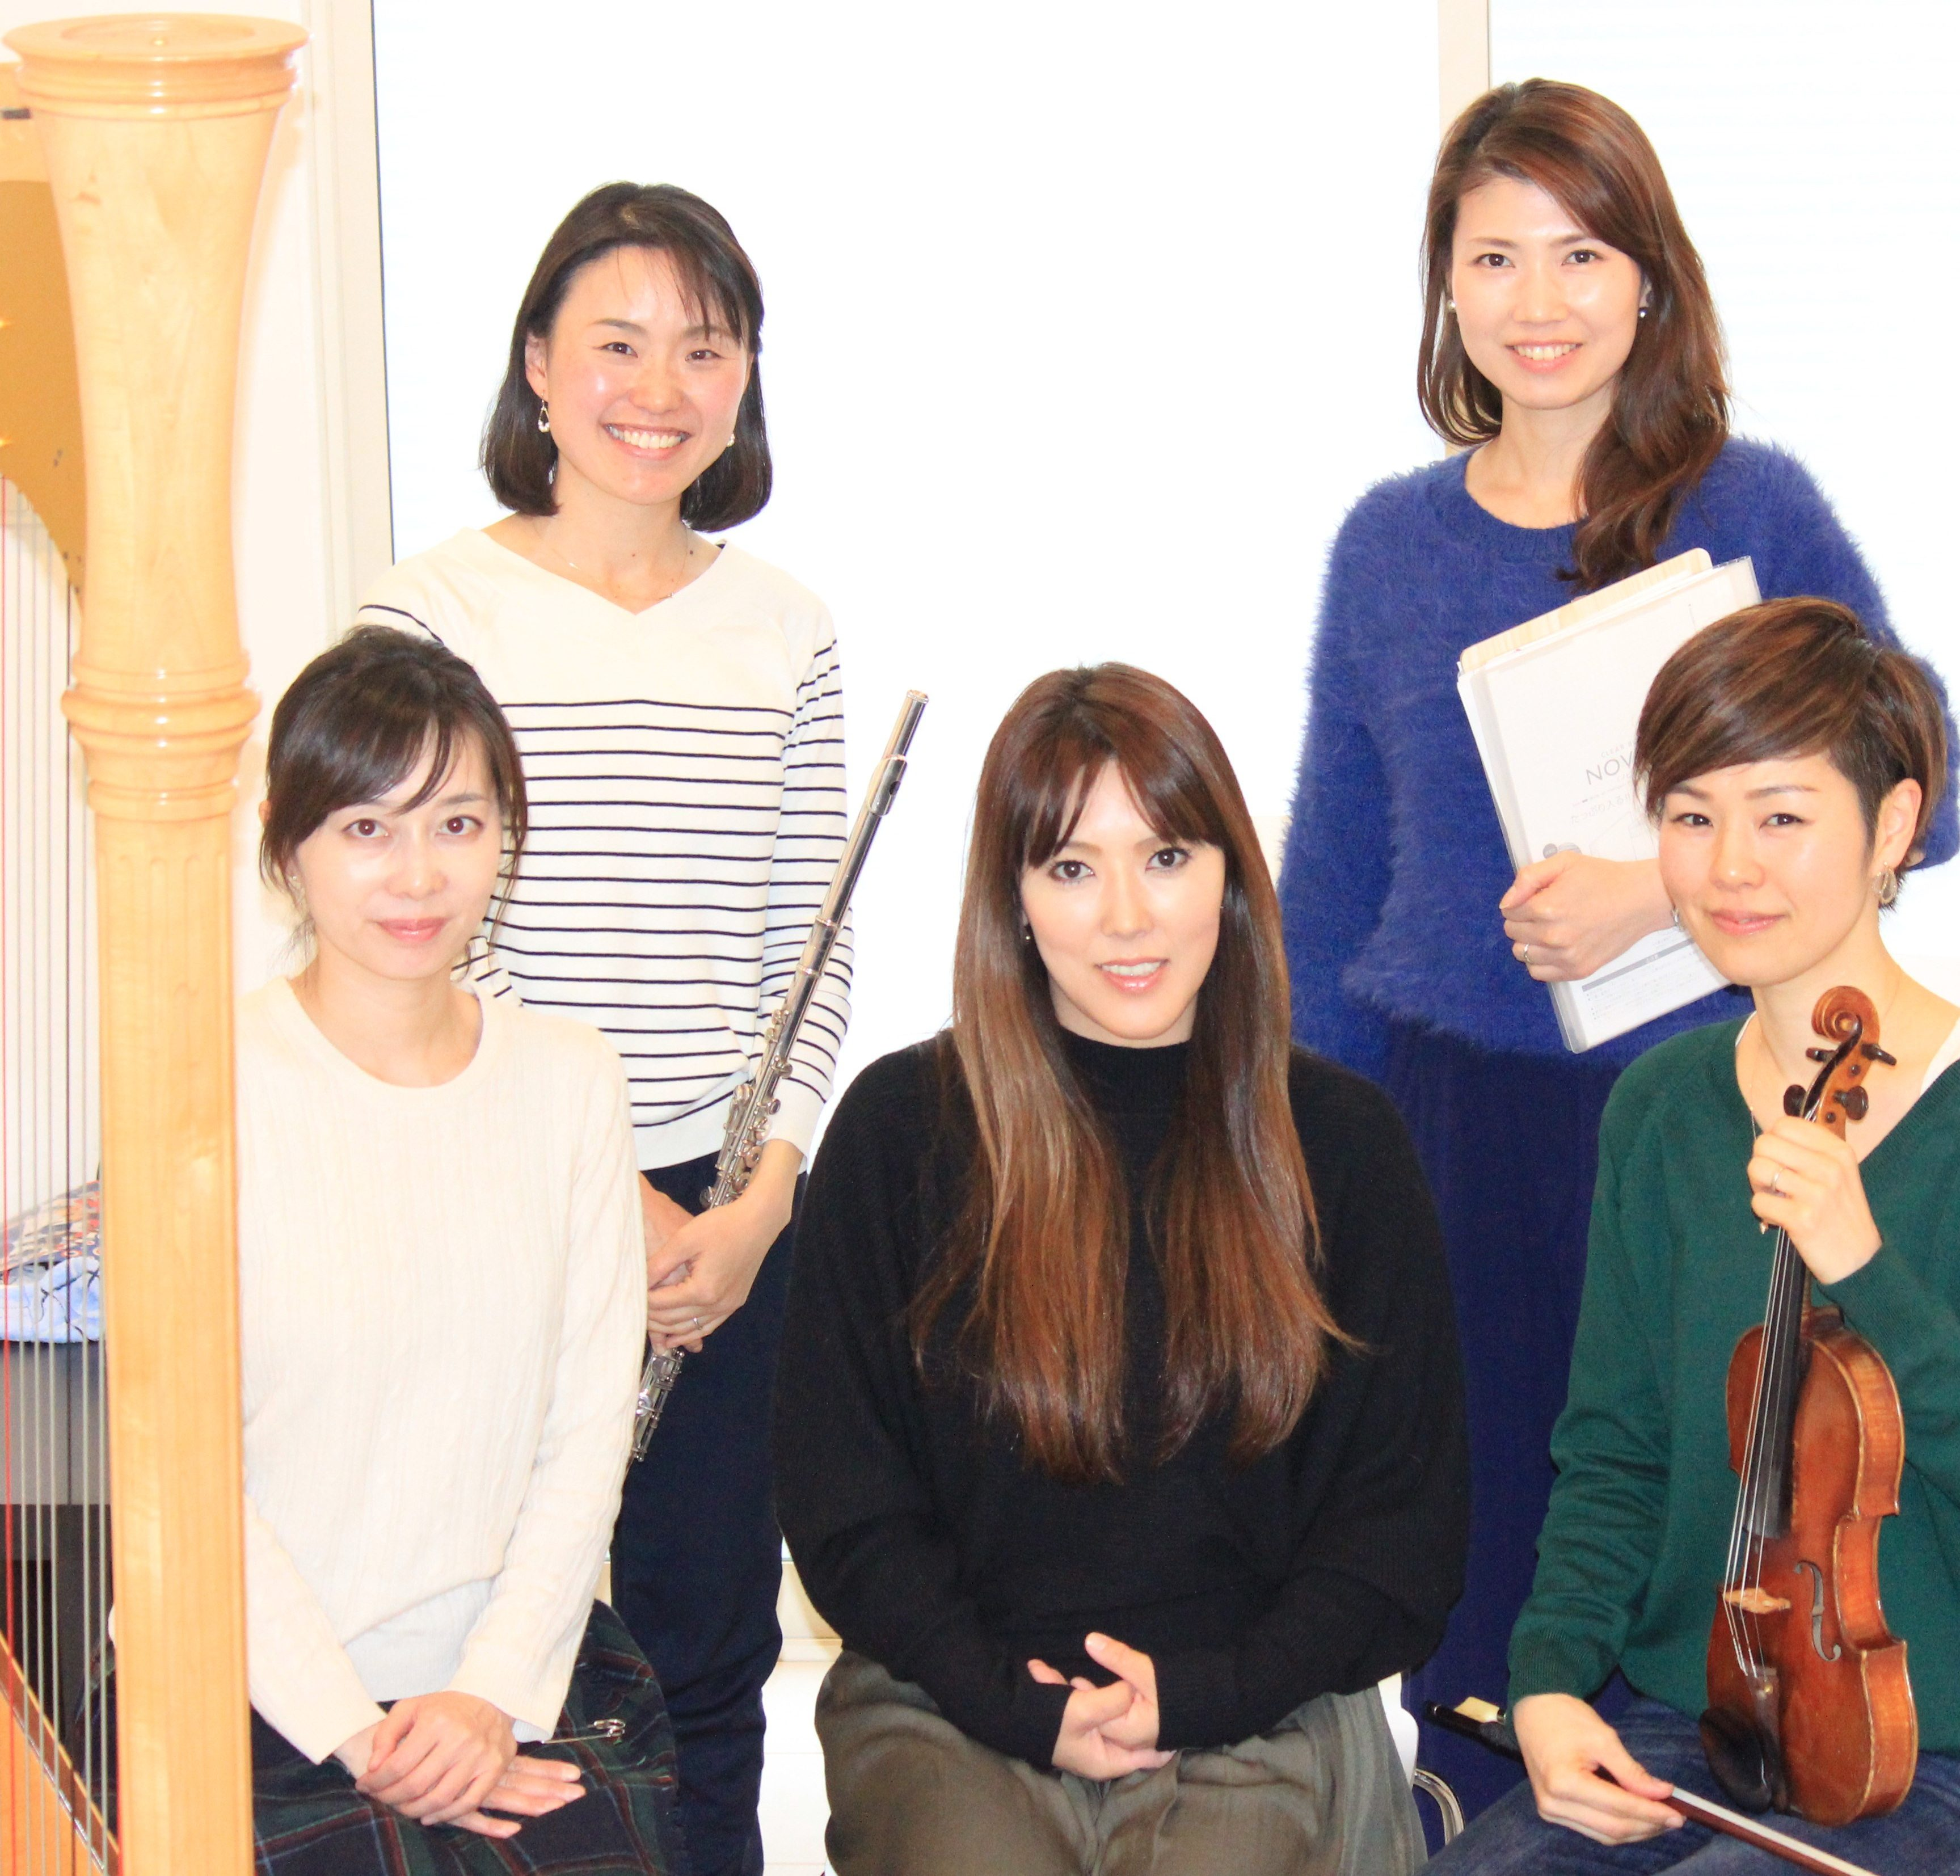 Fiore Music